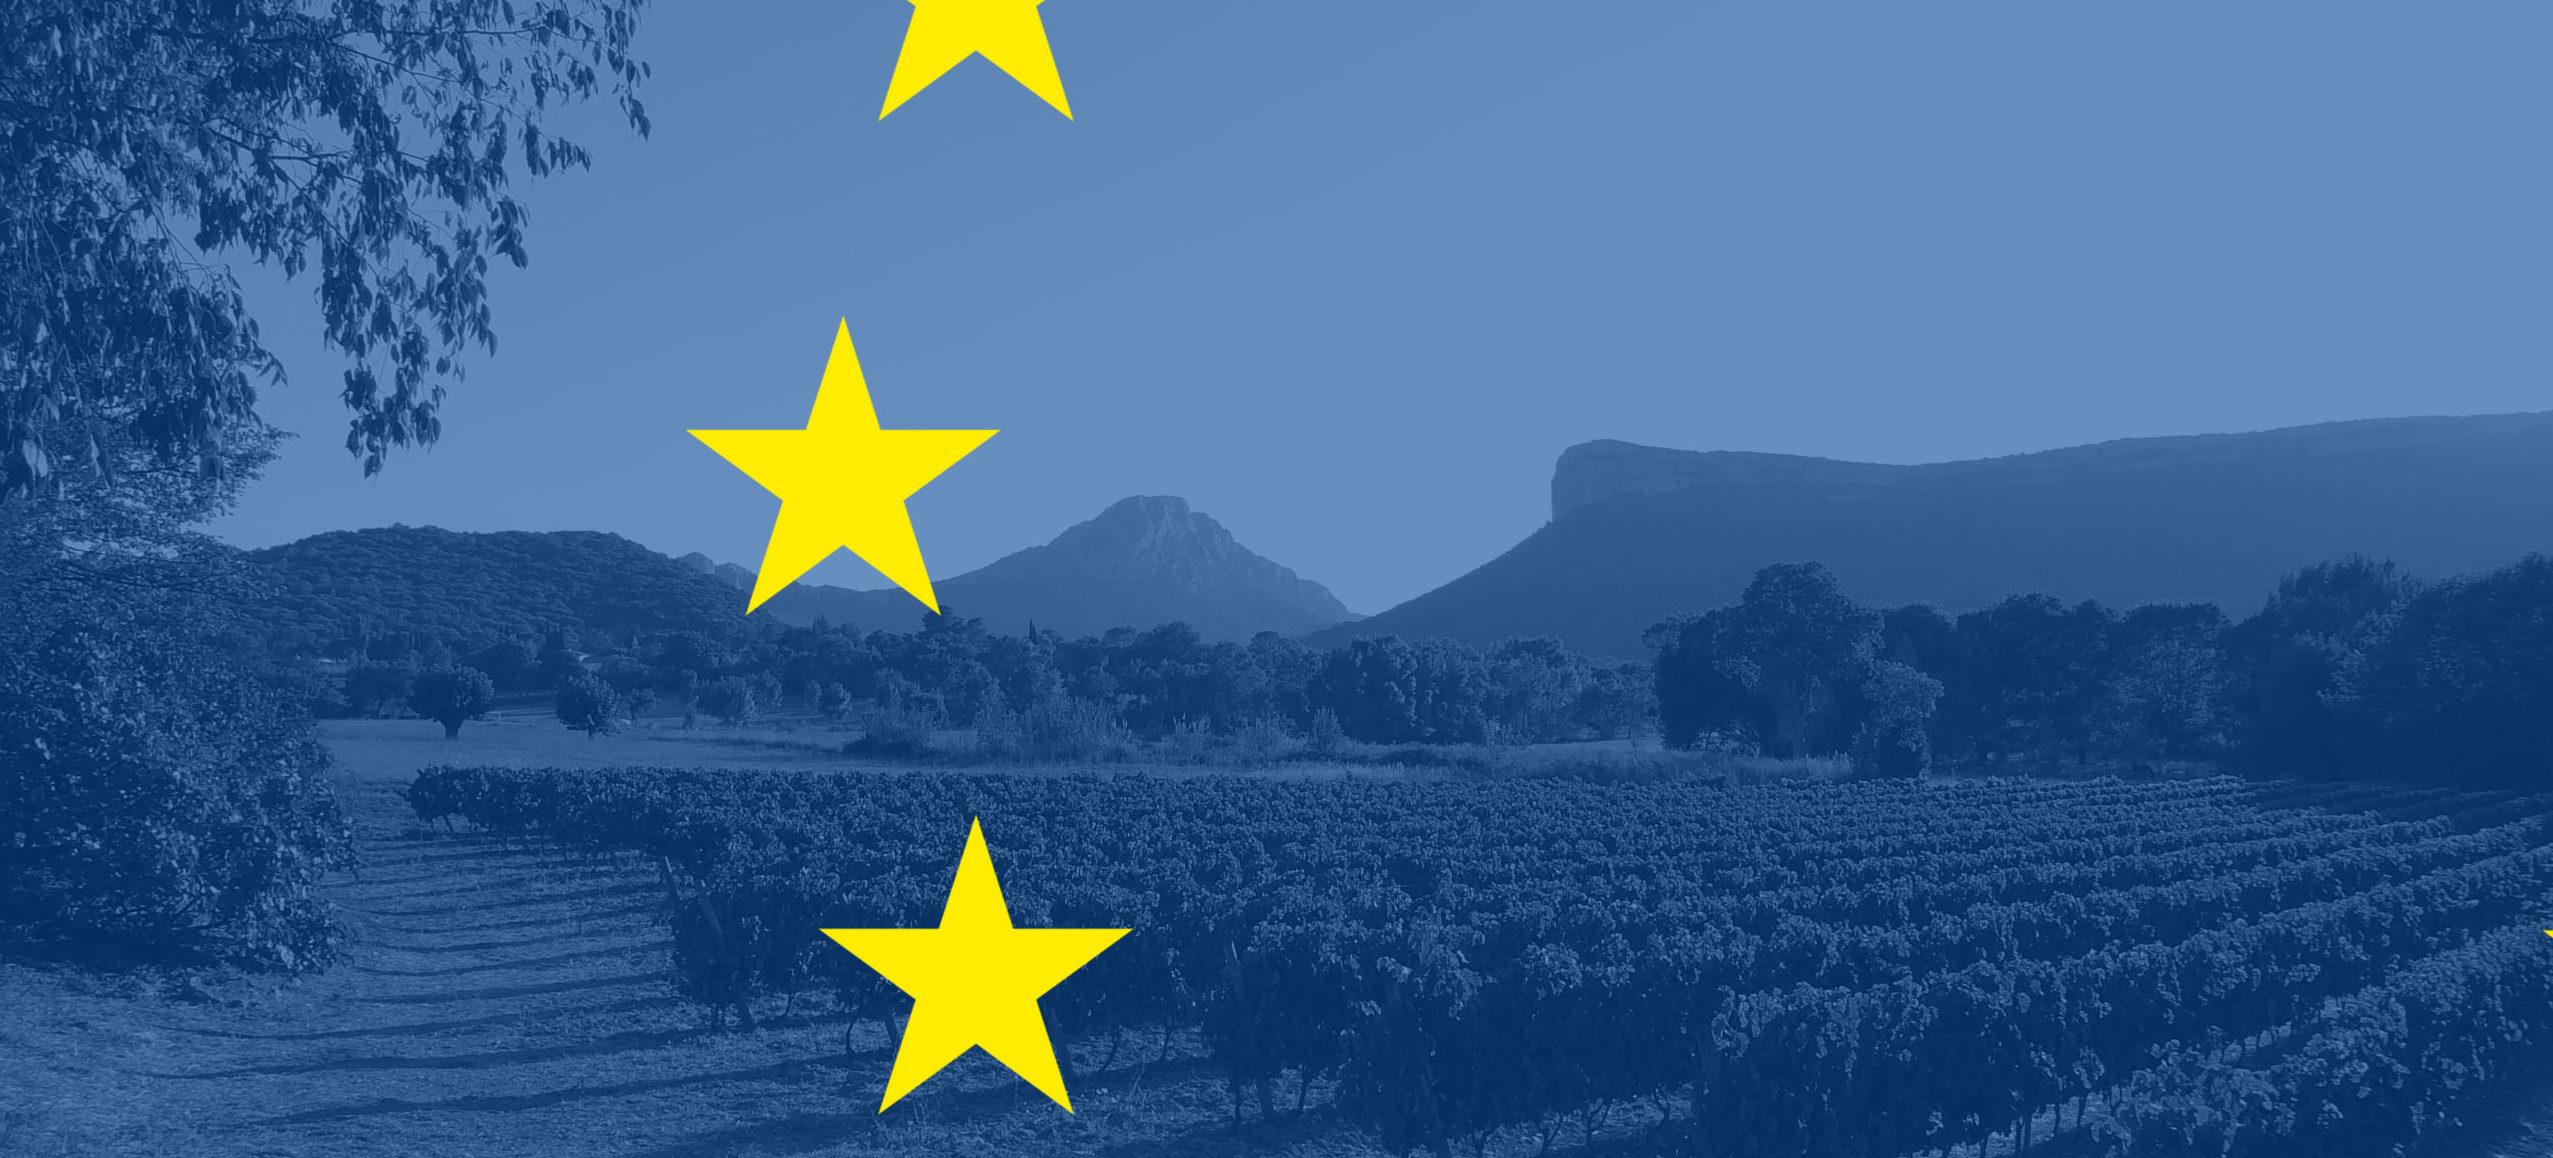 Entreprises, associations : l'Europe soutient vos projets. Photo : Christophe Colrat